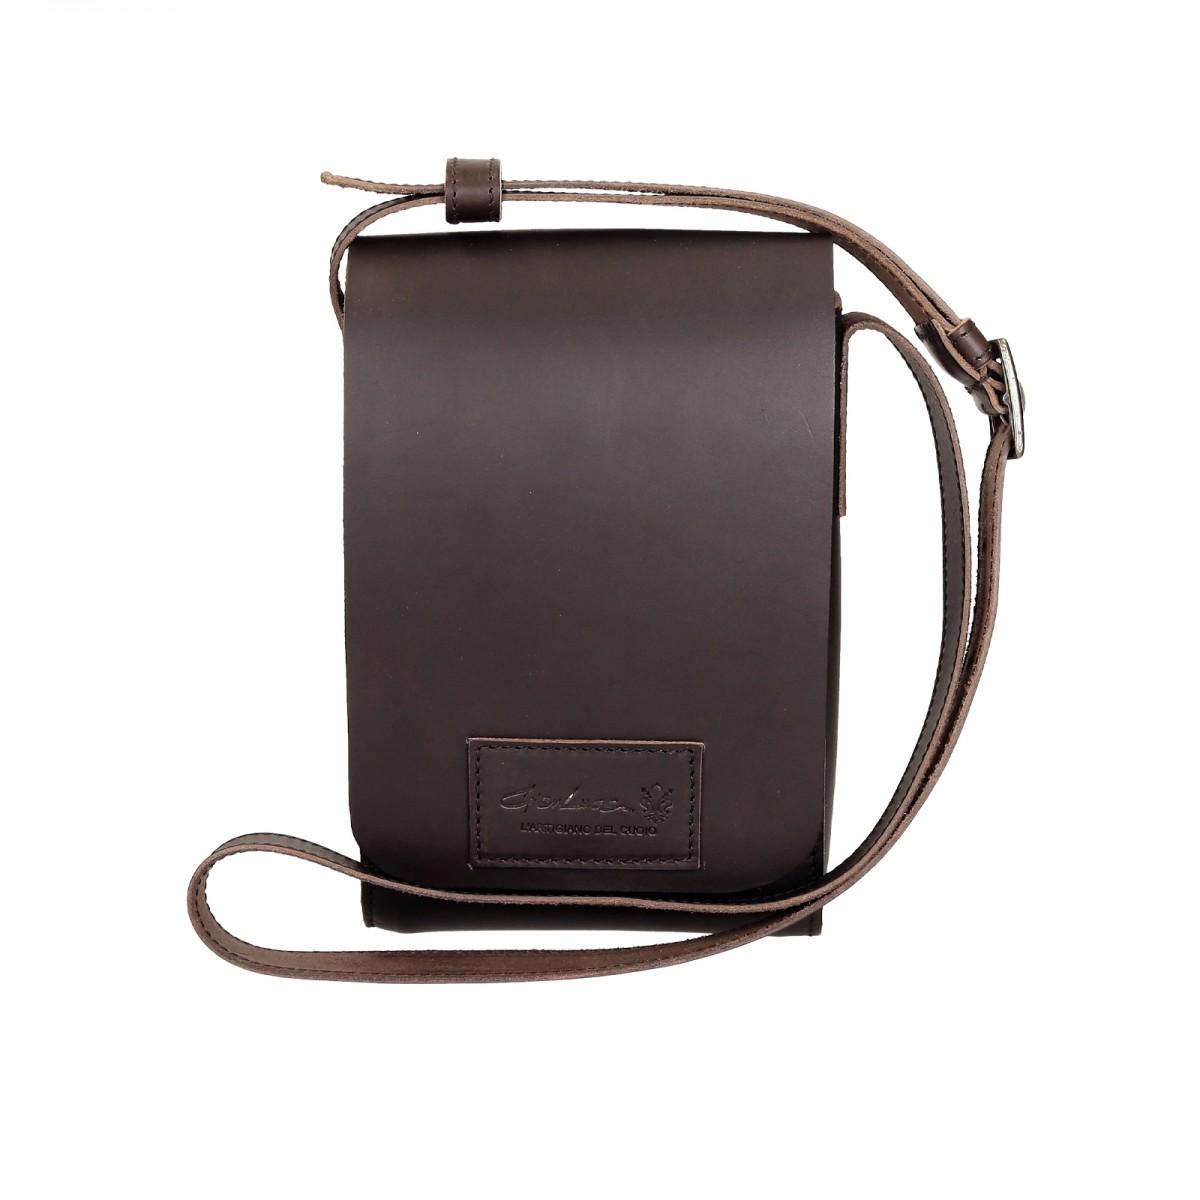 petit sac bandouli re en cuir marron fonc artisanale. Black Bedroom Furniture Sets. Home Design Ideas